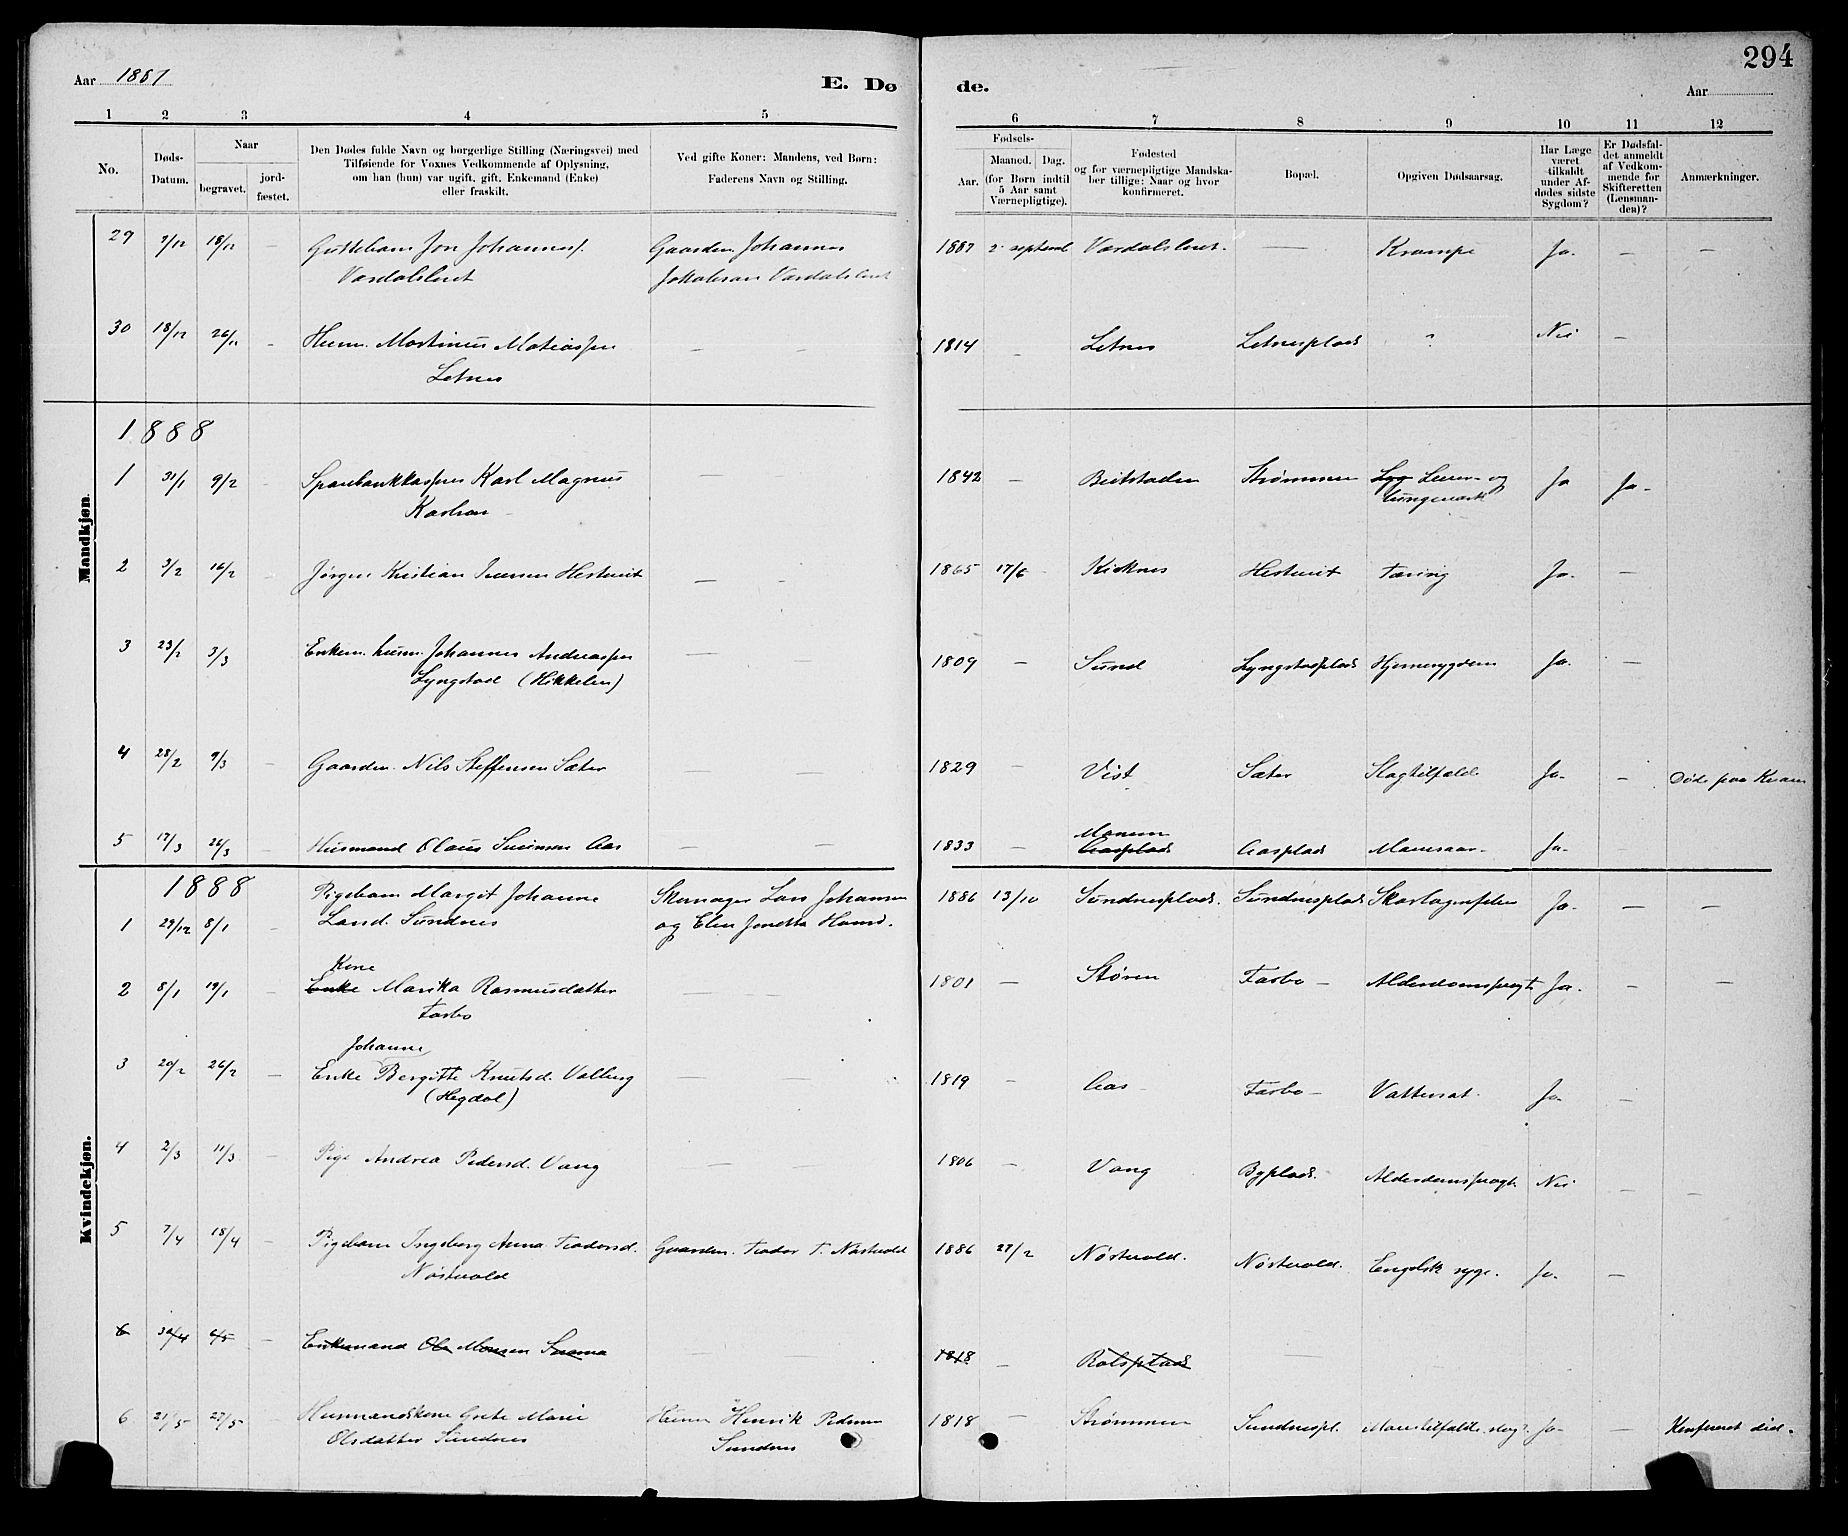 SAT, Ministerialprotokoller, klokkerbøker og fødselsregistre - Nord-Trøndelag, 730/L0301: Klokkerbok nr. 730C04, 1880-1897, s. 294